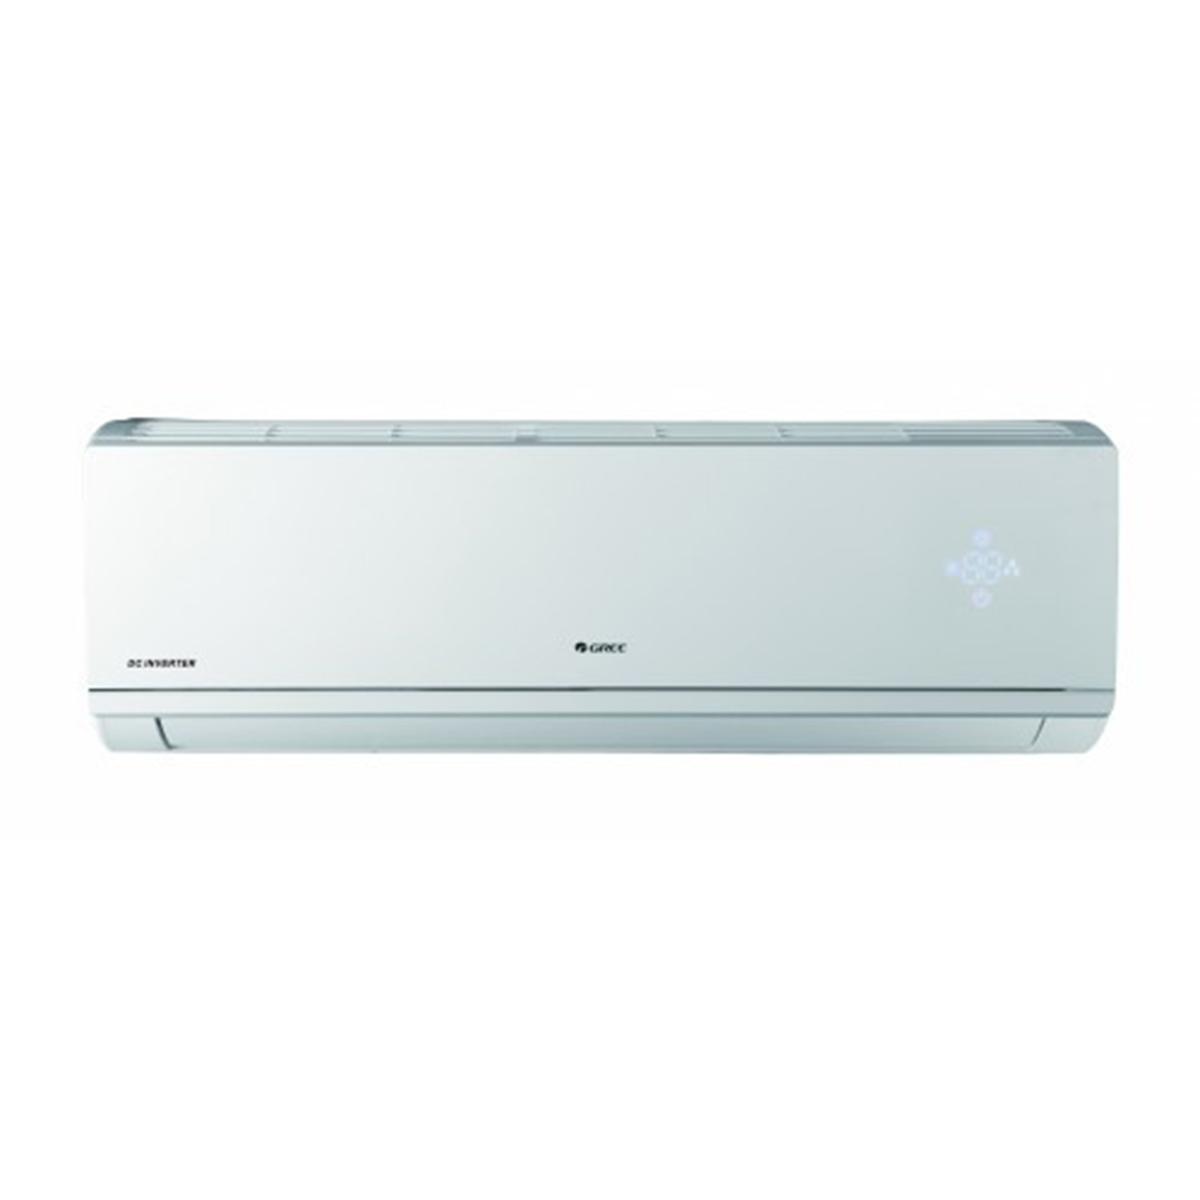 Aer conditionat Gree Lomo B8 GWH12QB-K6DNB8I ECO Inverter 12000 BTU R32 16